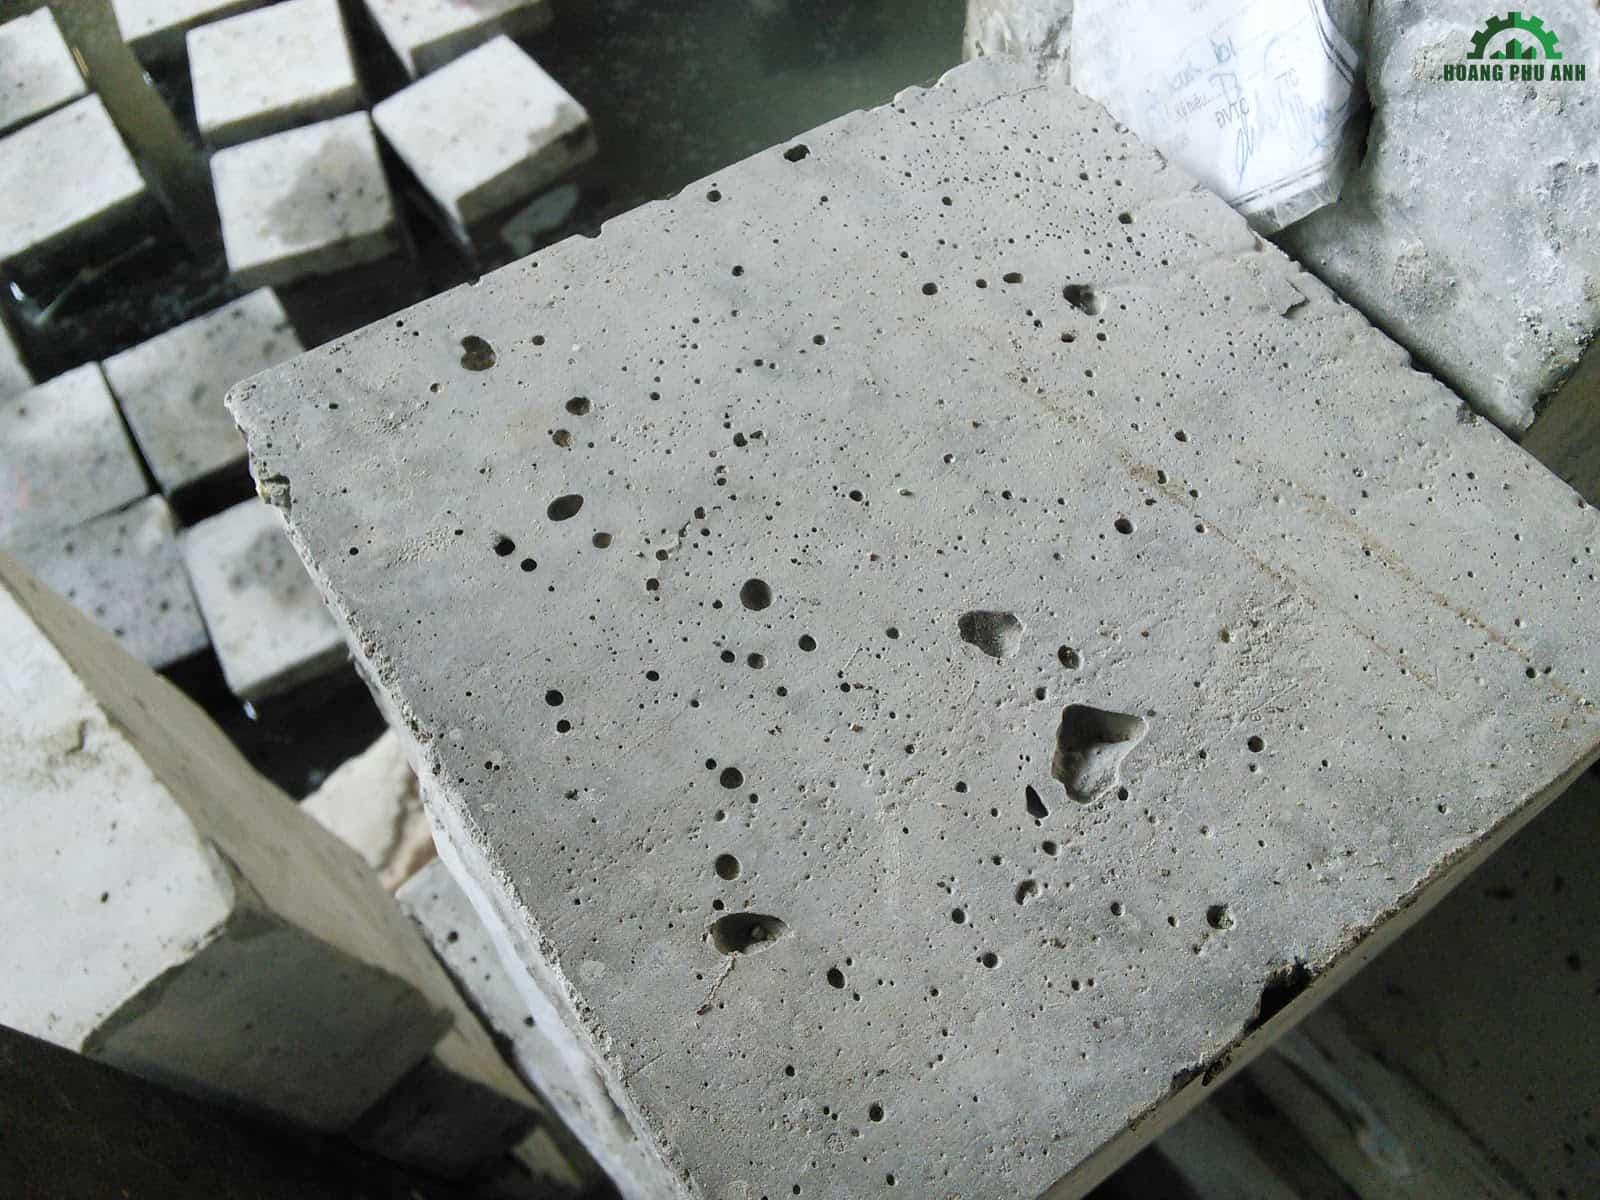 Mặt ngoài của bê tông không đạt chất lượng